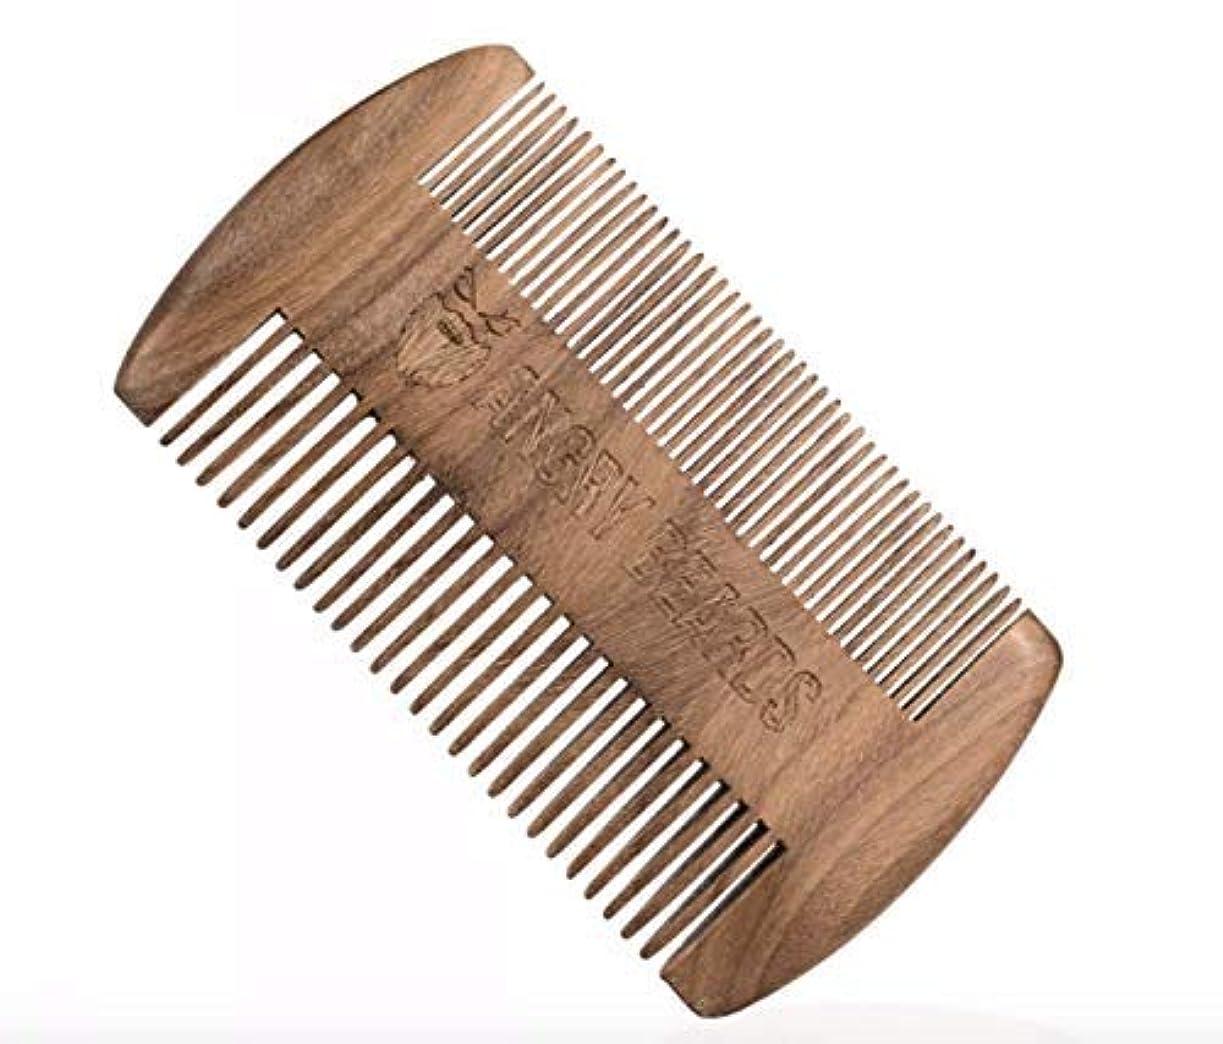 収束正当な夜明けWooden Beard Comb 10x6cm by Angry Beards Made in Czech Republic / チェコ共和国製の怒っているひげによって木のひげの櫛10 x 6 cm